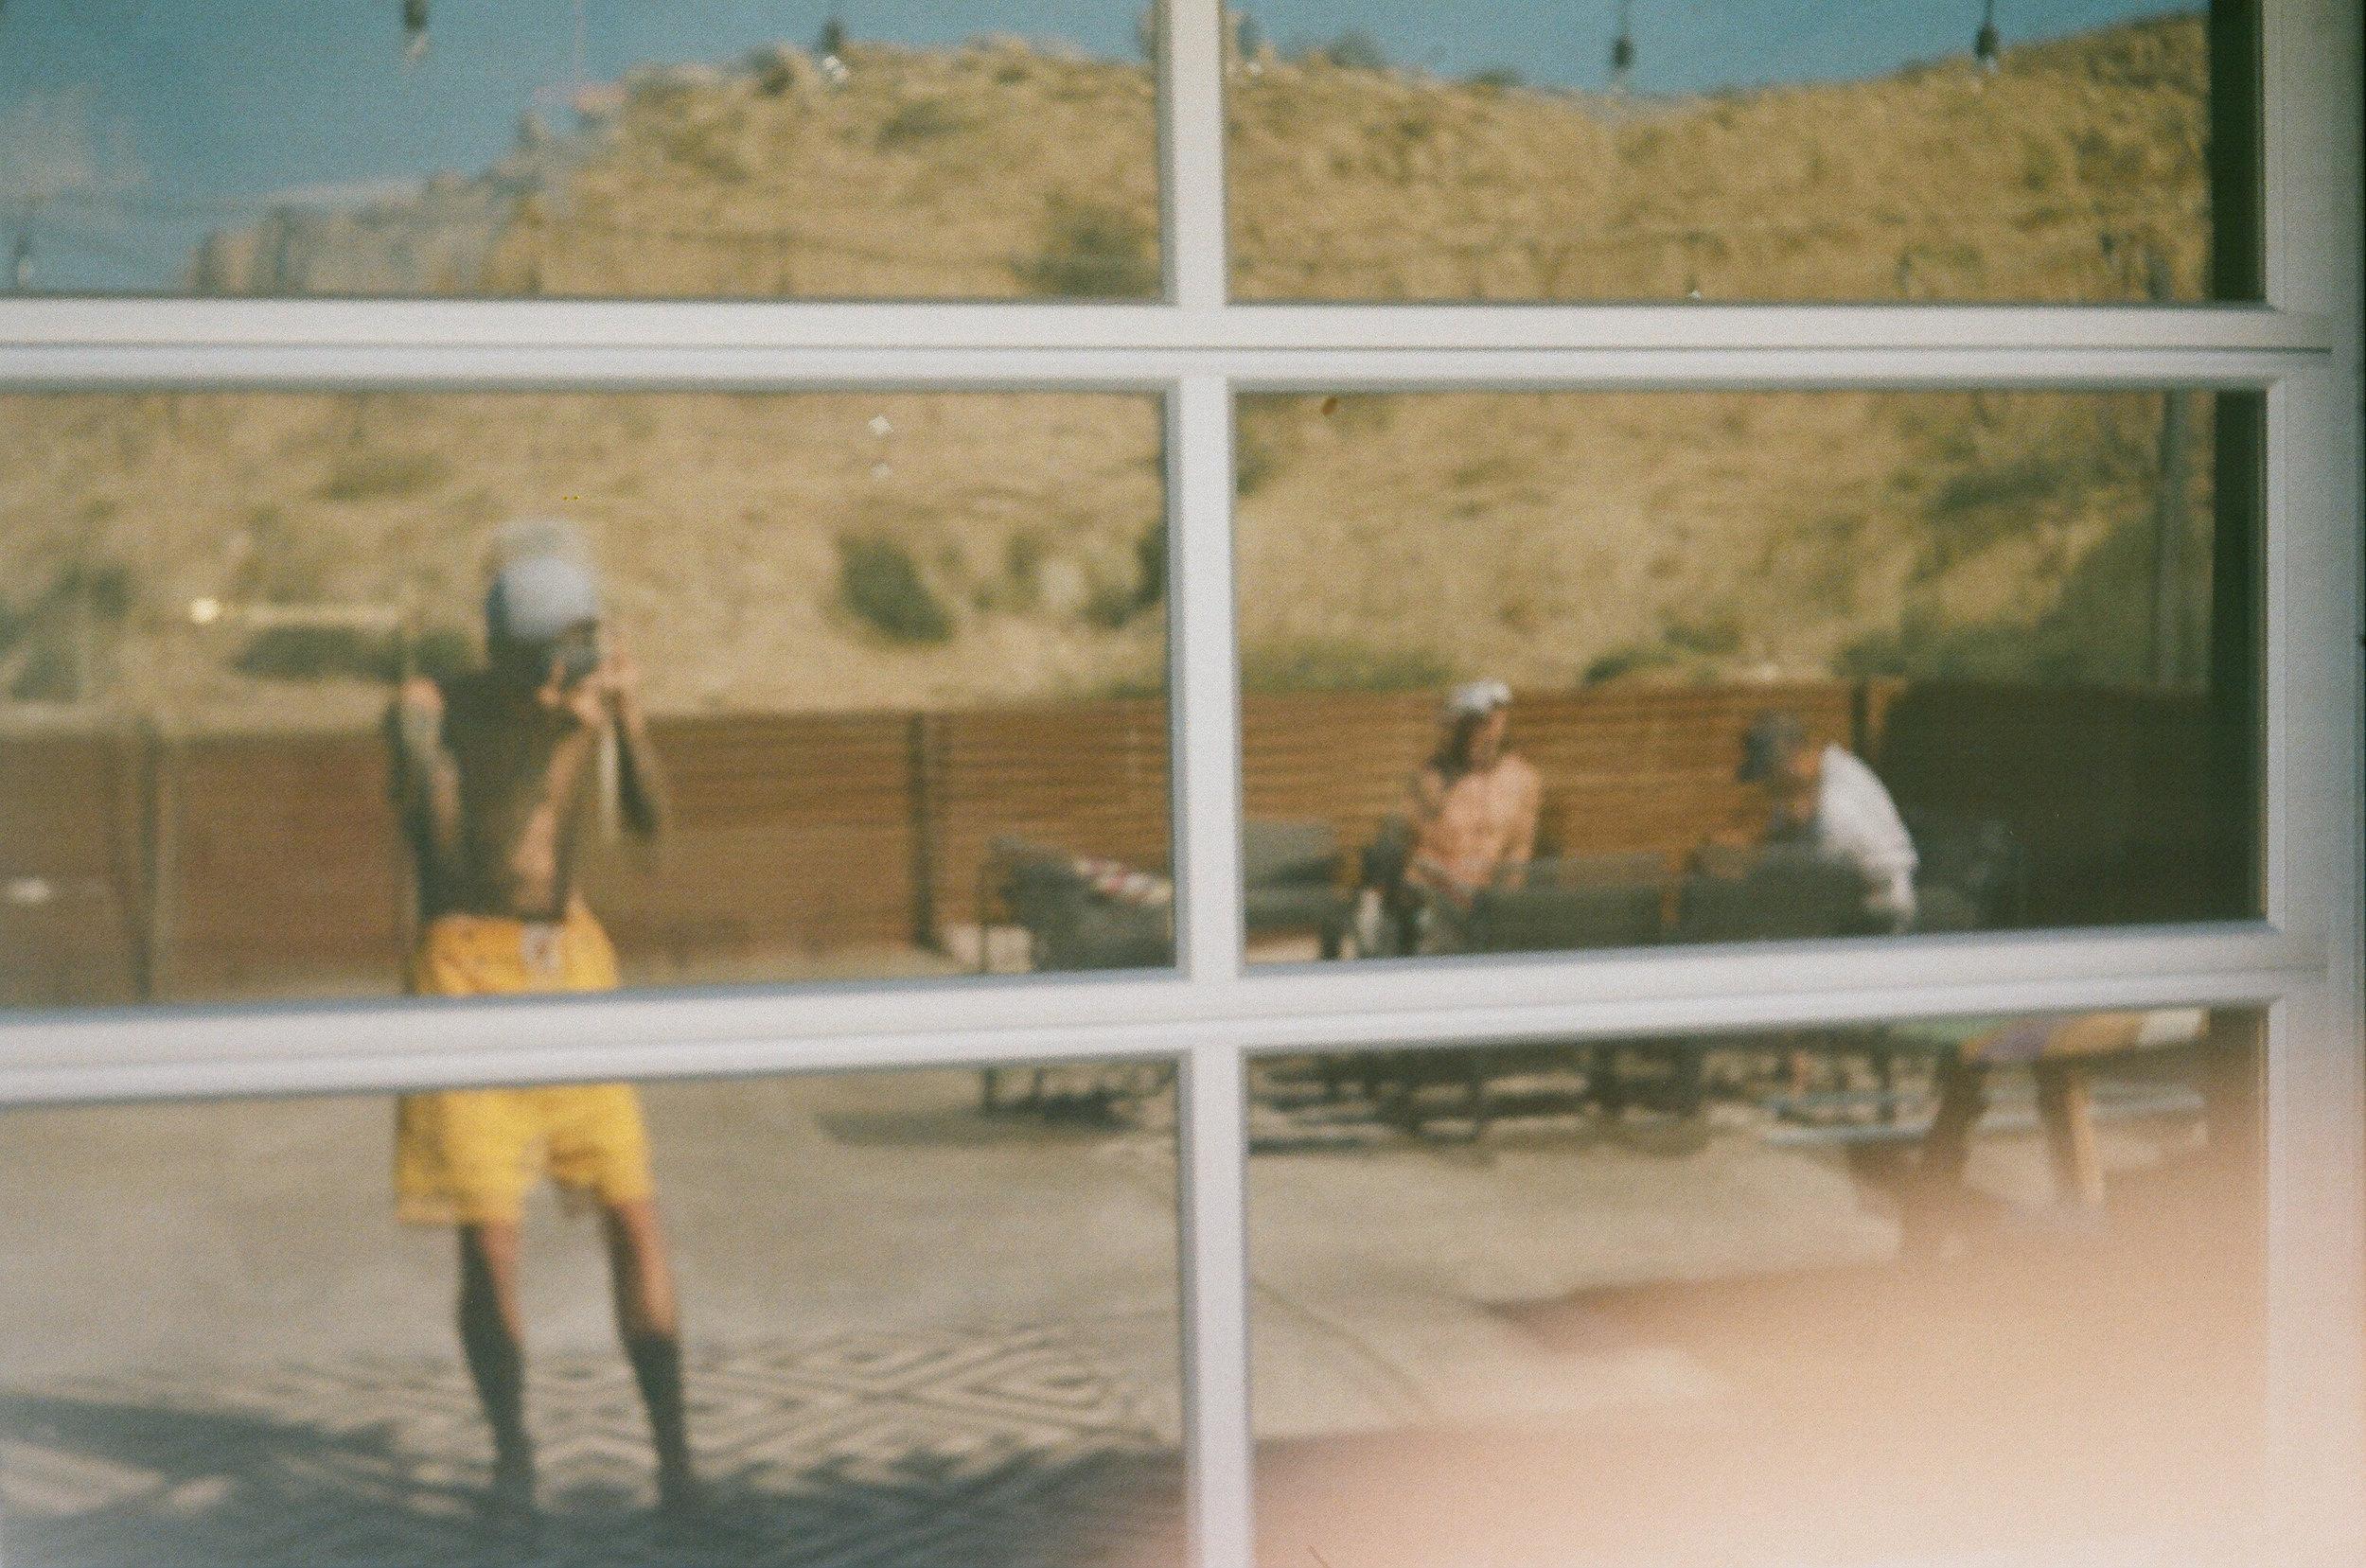 frasertaylor_LA_film-40.jpg